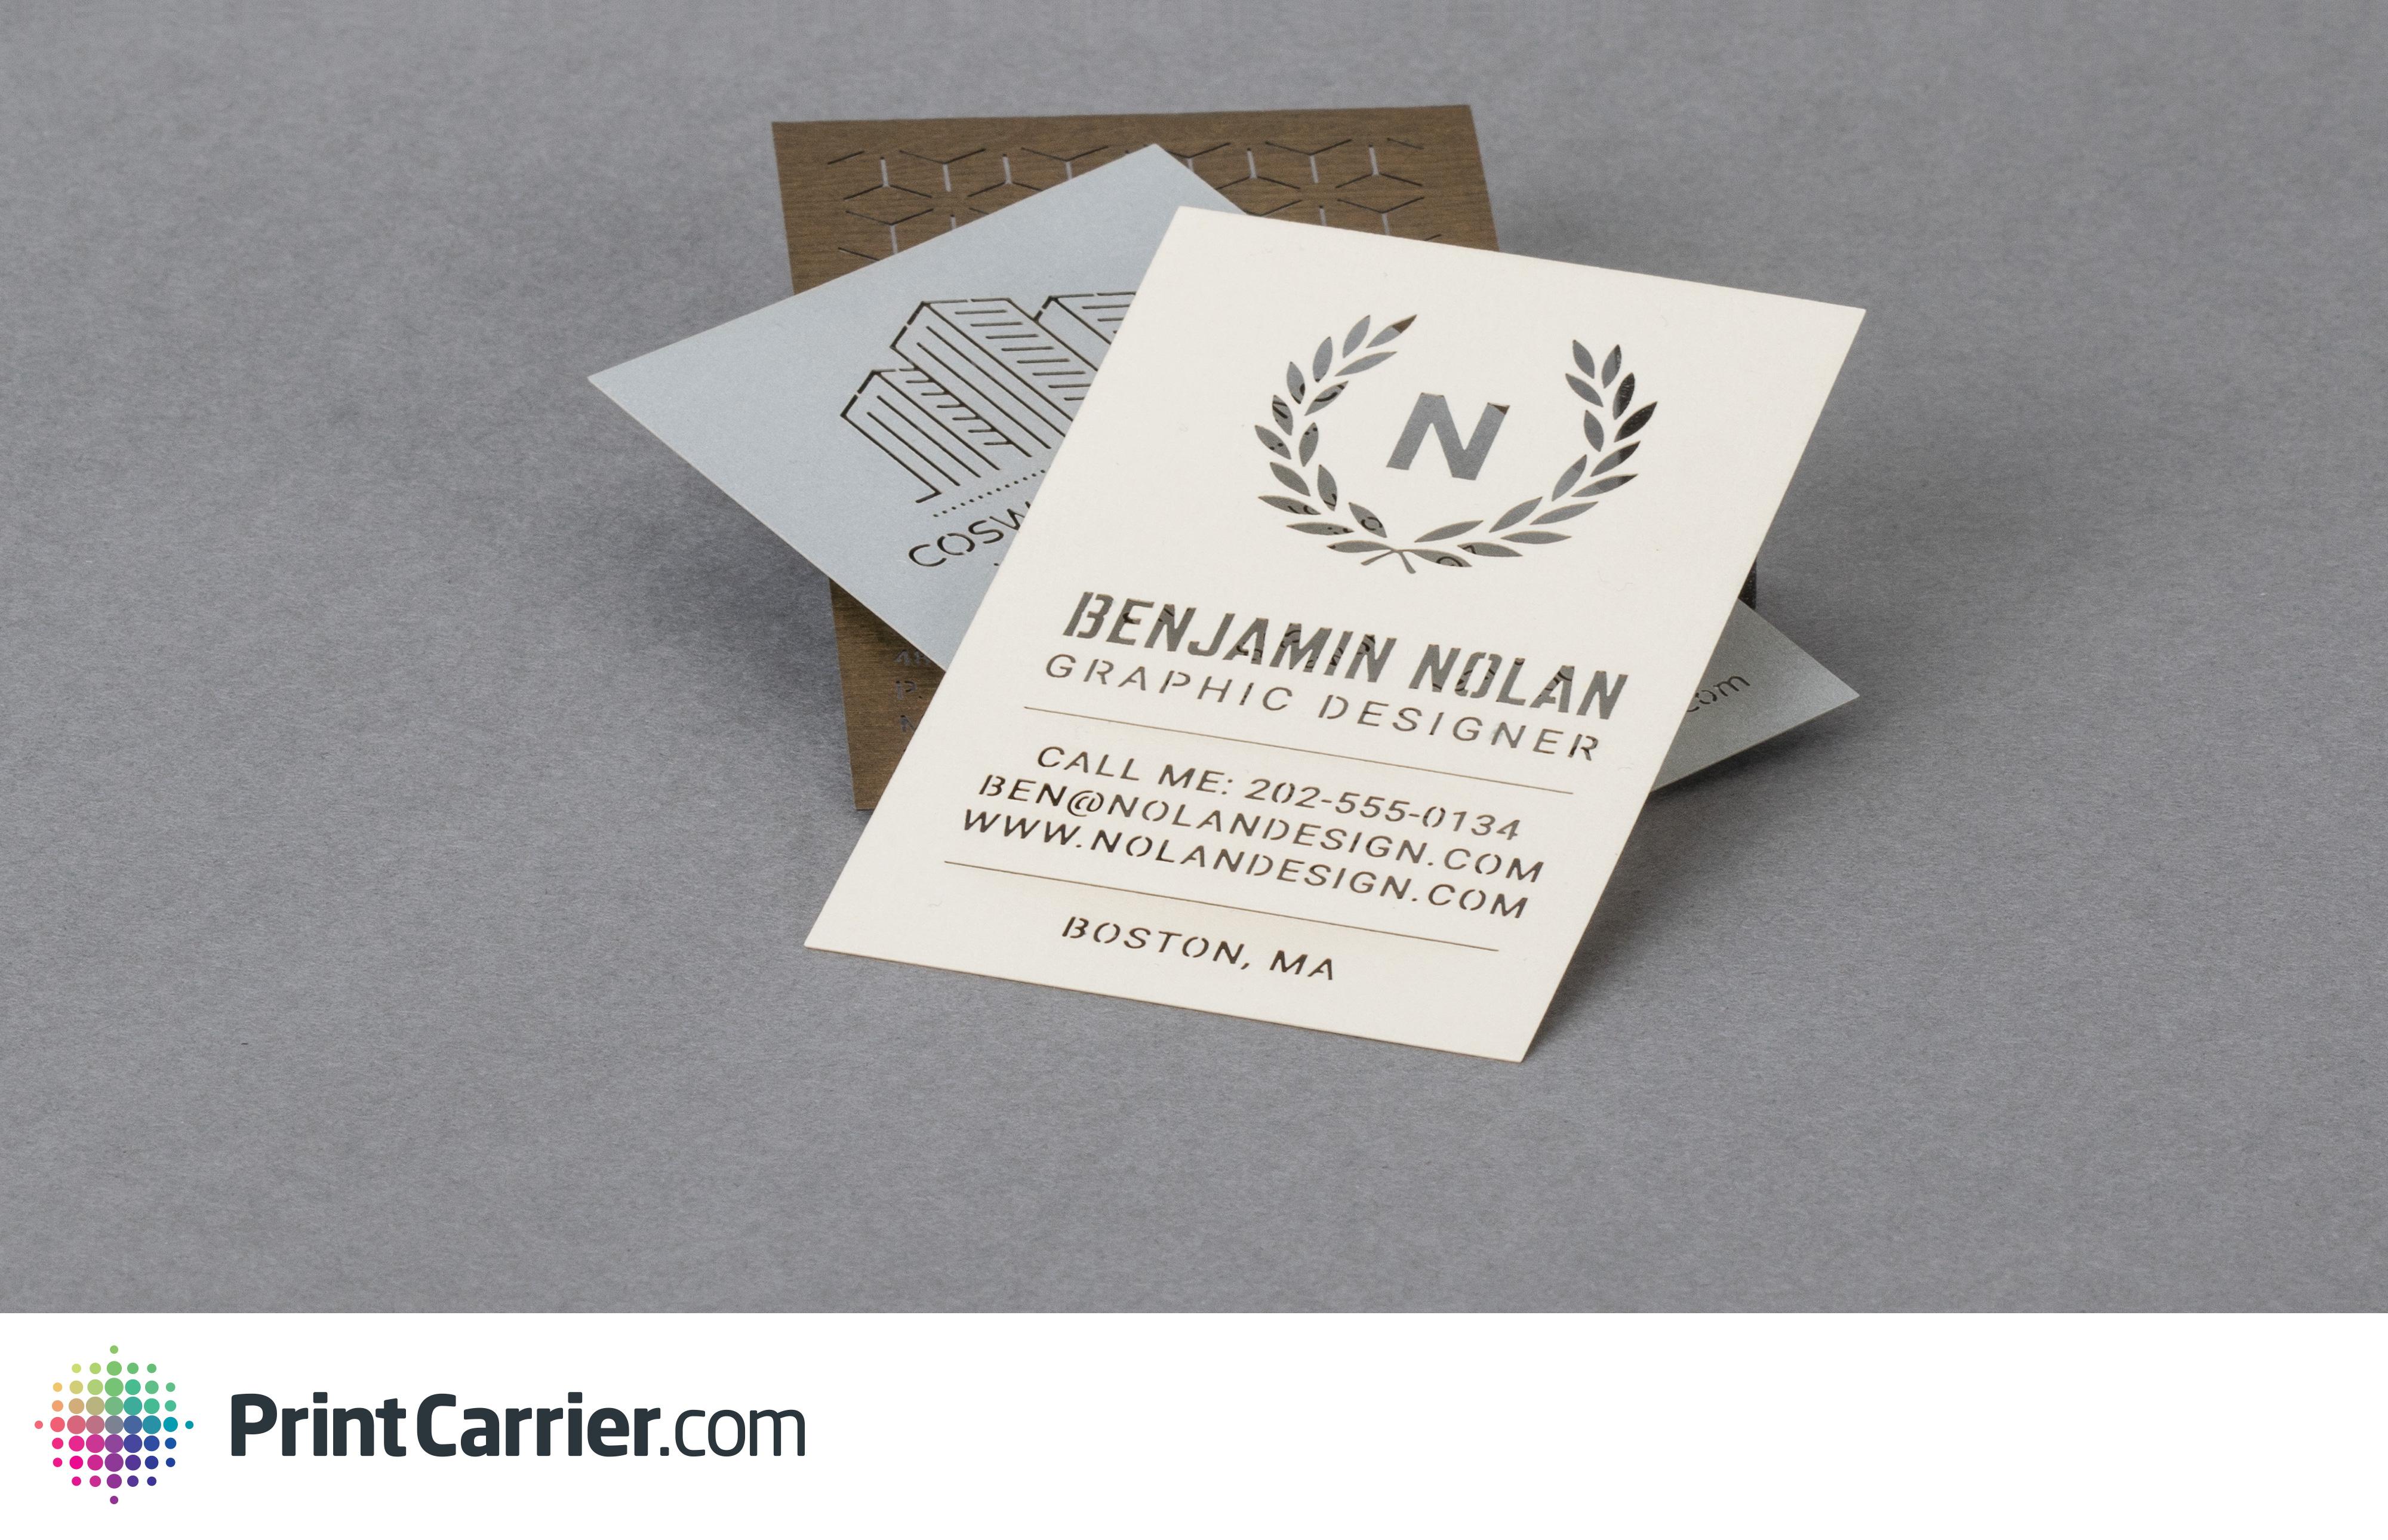 Et Dautres Types De Papiers Votre Logo Nom Vos Coordonnes Peuvent Tre Dcoups Par Un Laser Vous Recevrez Ainsi Une Carte Visite